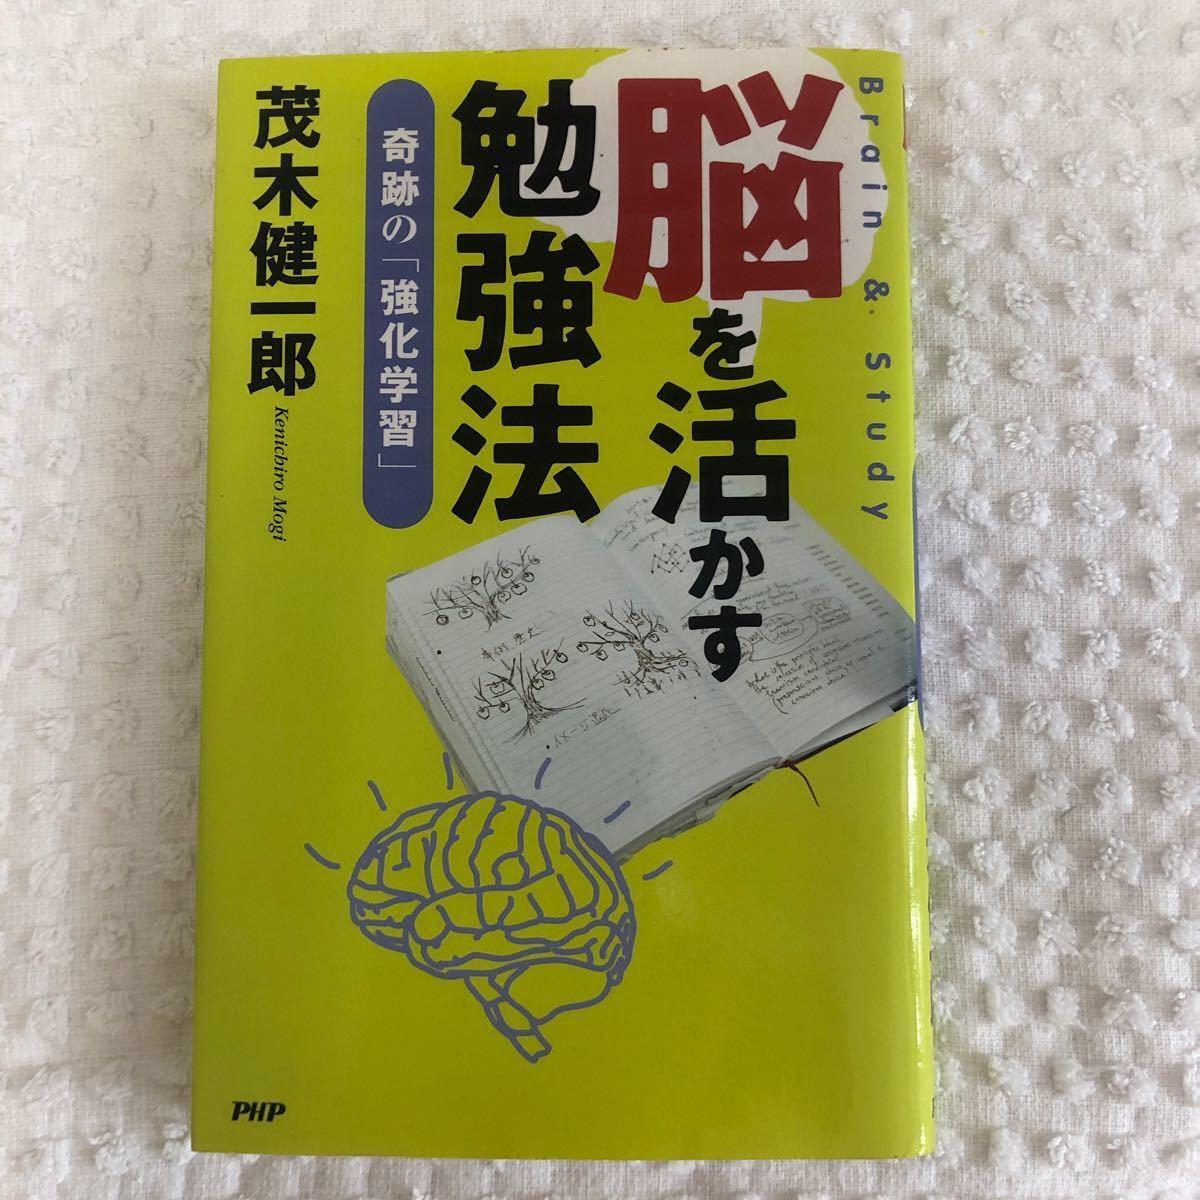 脳を活かす勉強法 奇跡の 「強化学習」 茂木健一郎 【著】